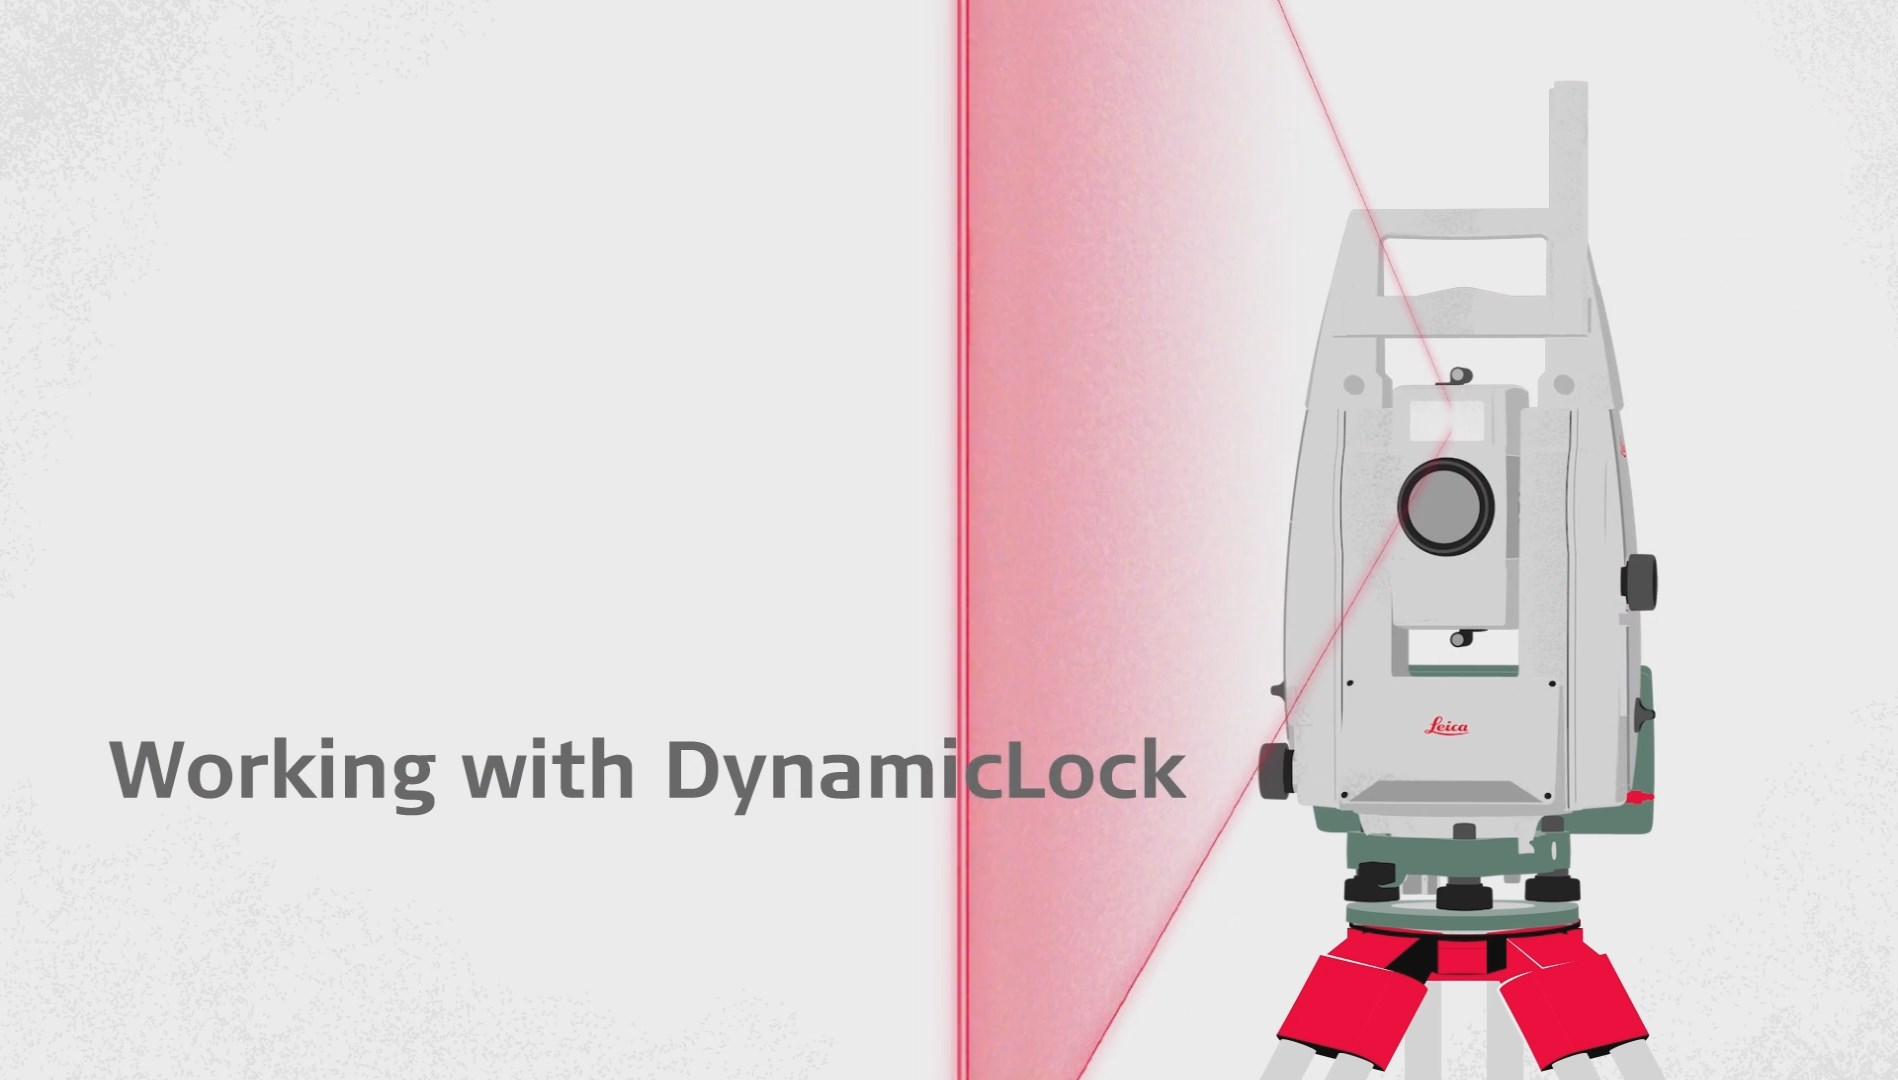 TS16_DynamicLock_2